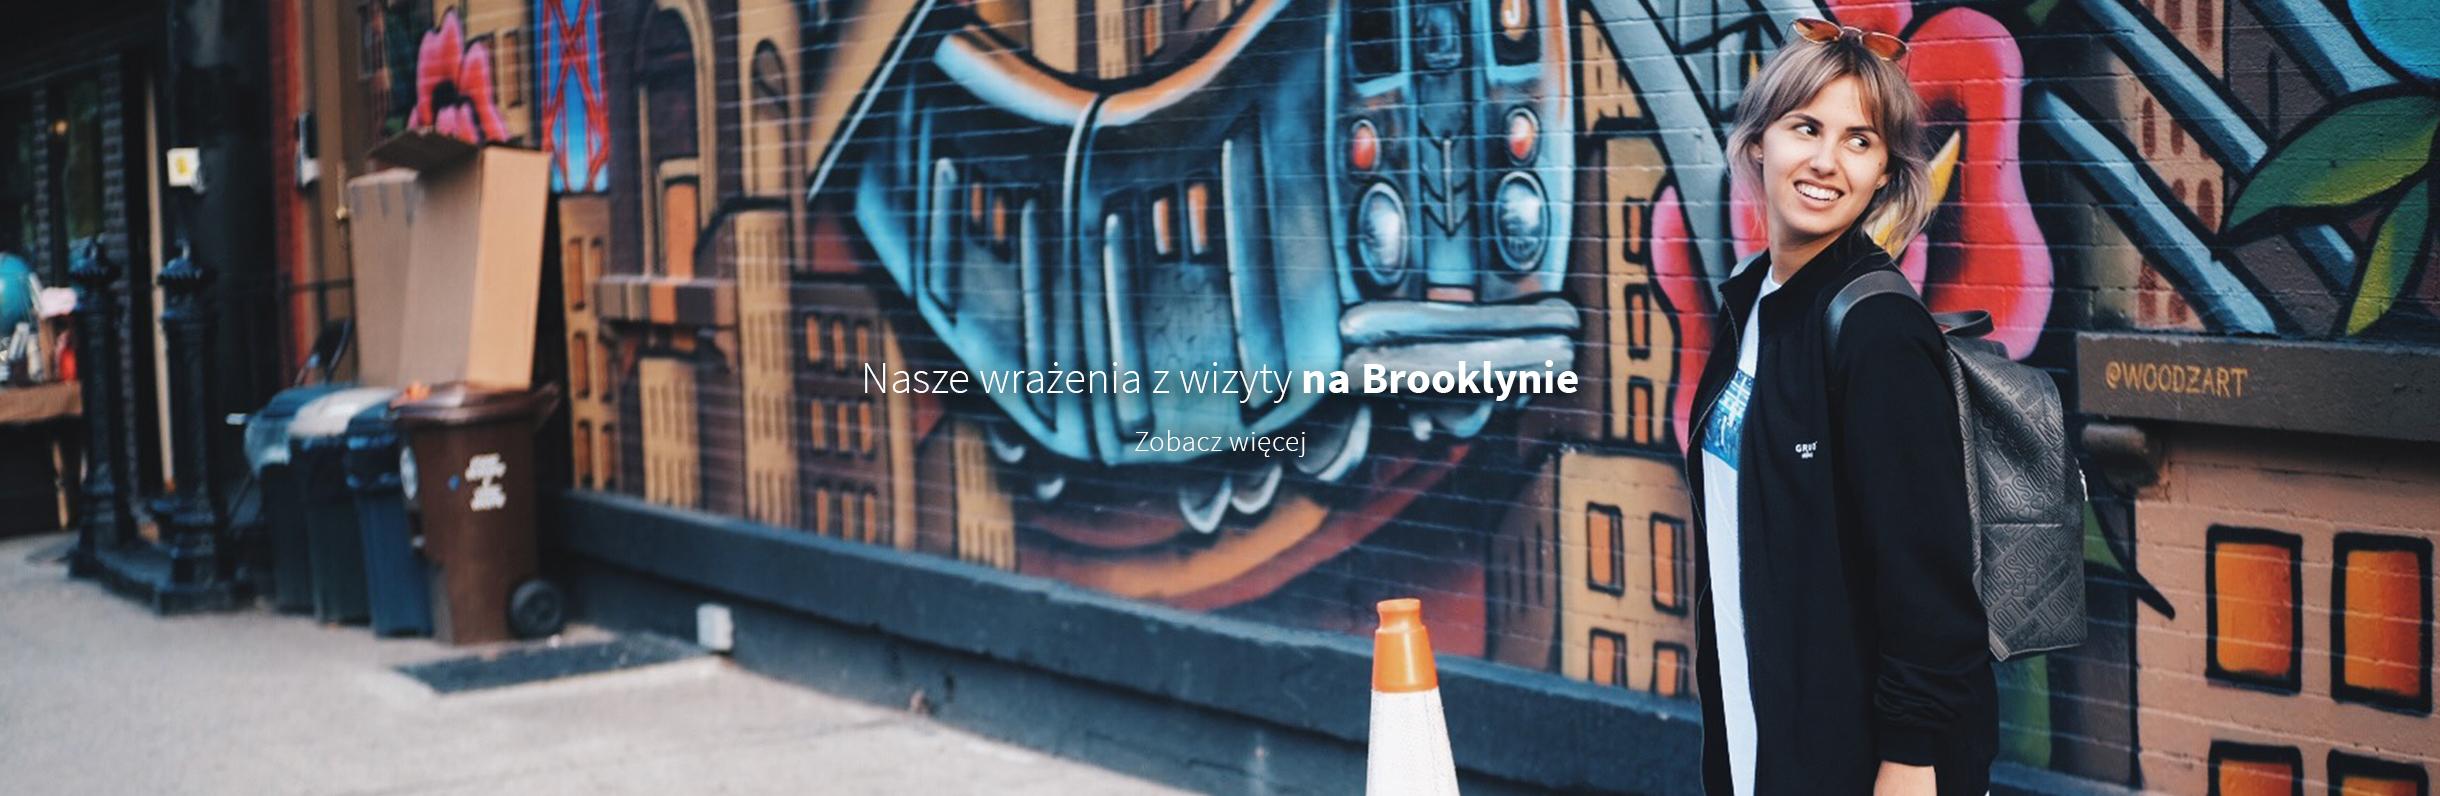 BANER-SMALL-TRAVELLERS-Nasze-wrazenia-z-wizyty-na-brooklynie